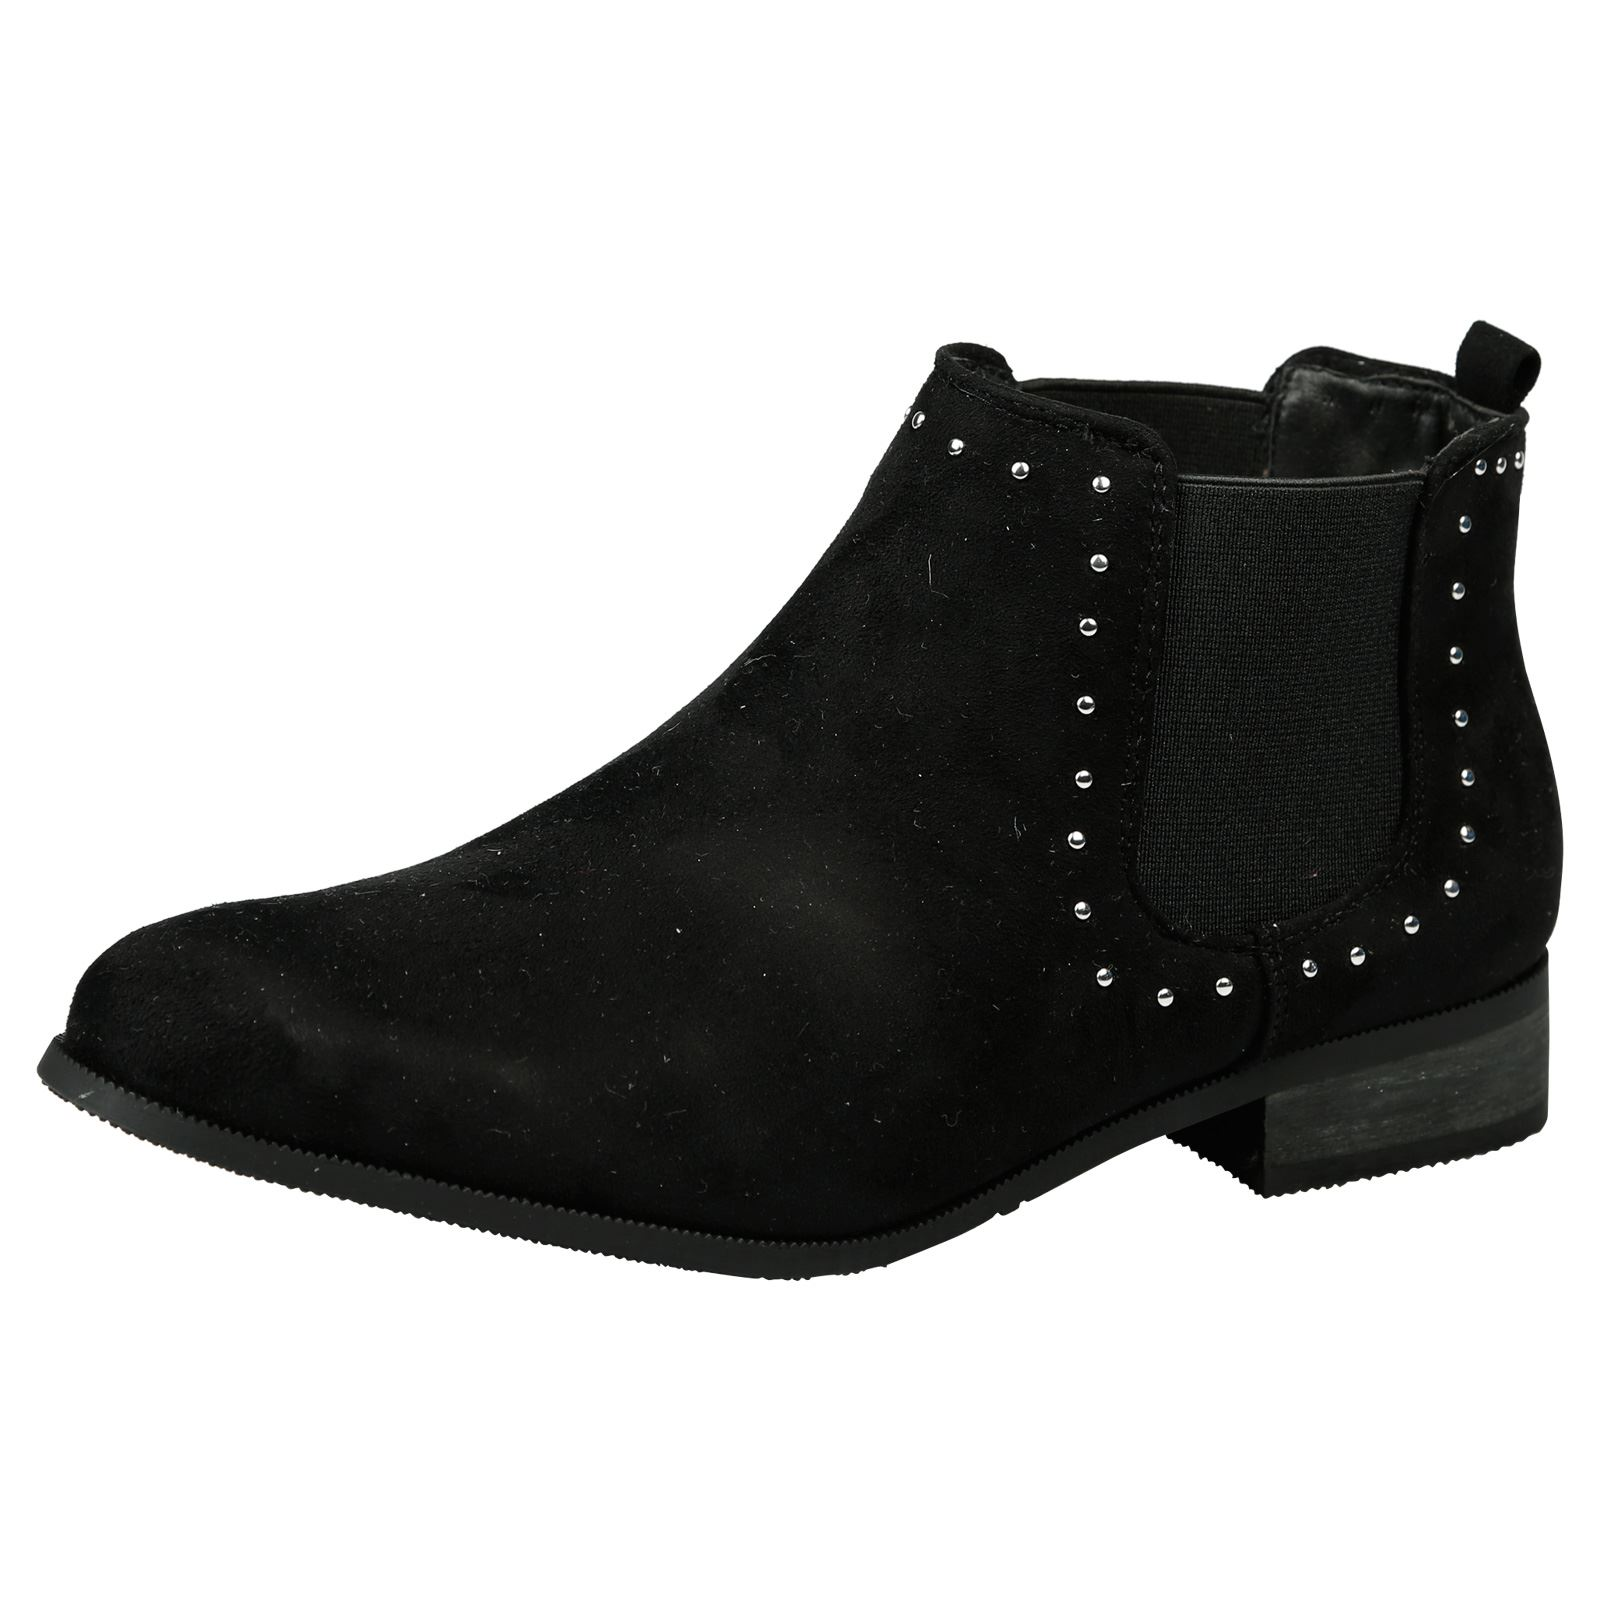 Mujer Botas al Tobillo Zapatos al tobillo señoras Tachonado Tacón Bajo Chelsea Tirar De Tamaño Nuevo